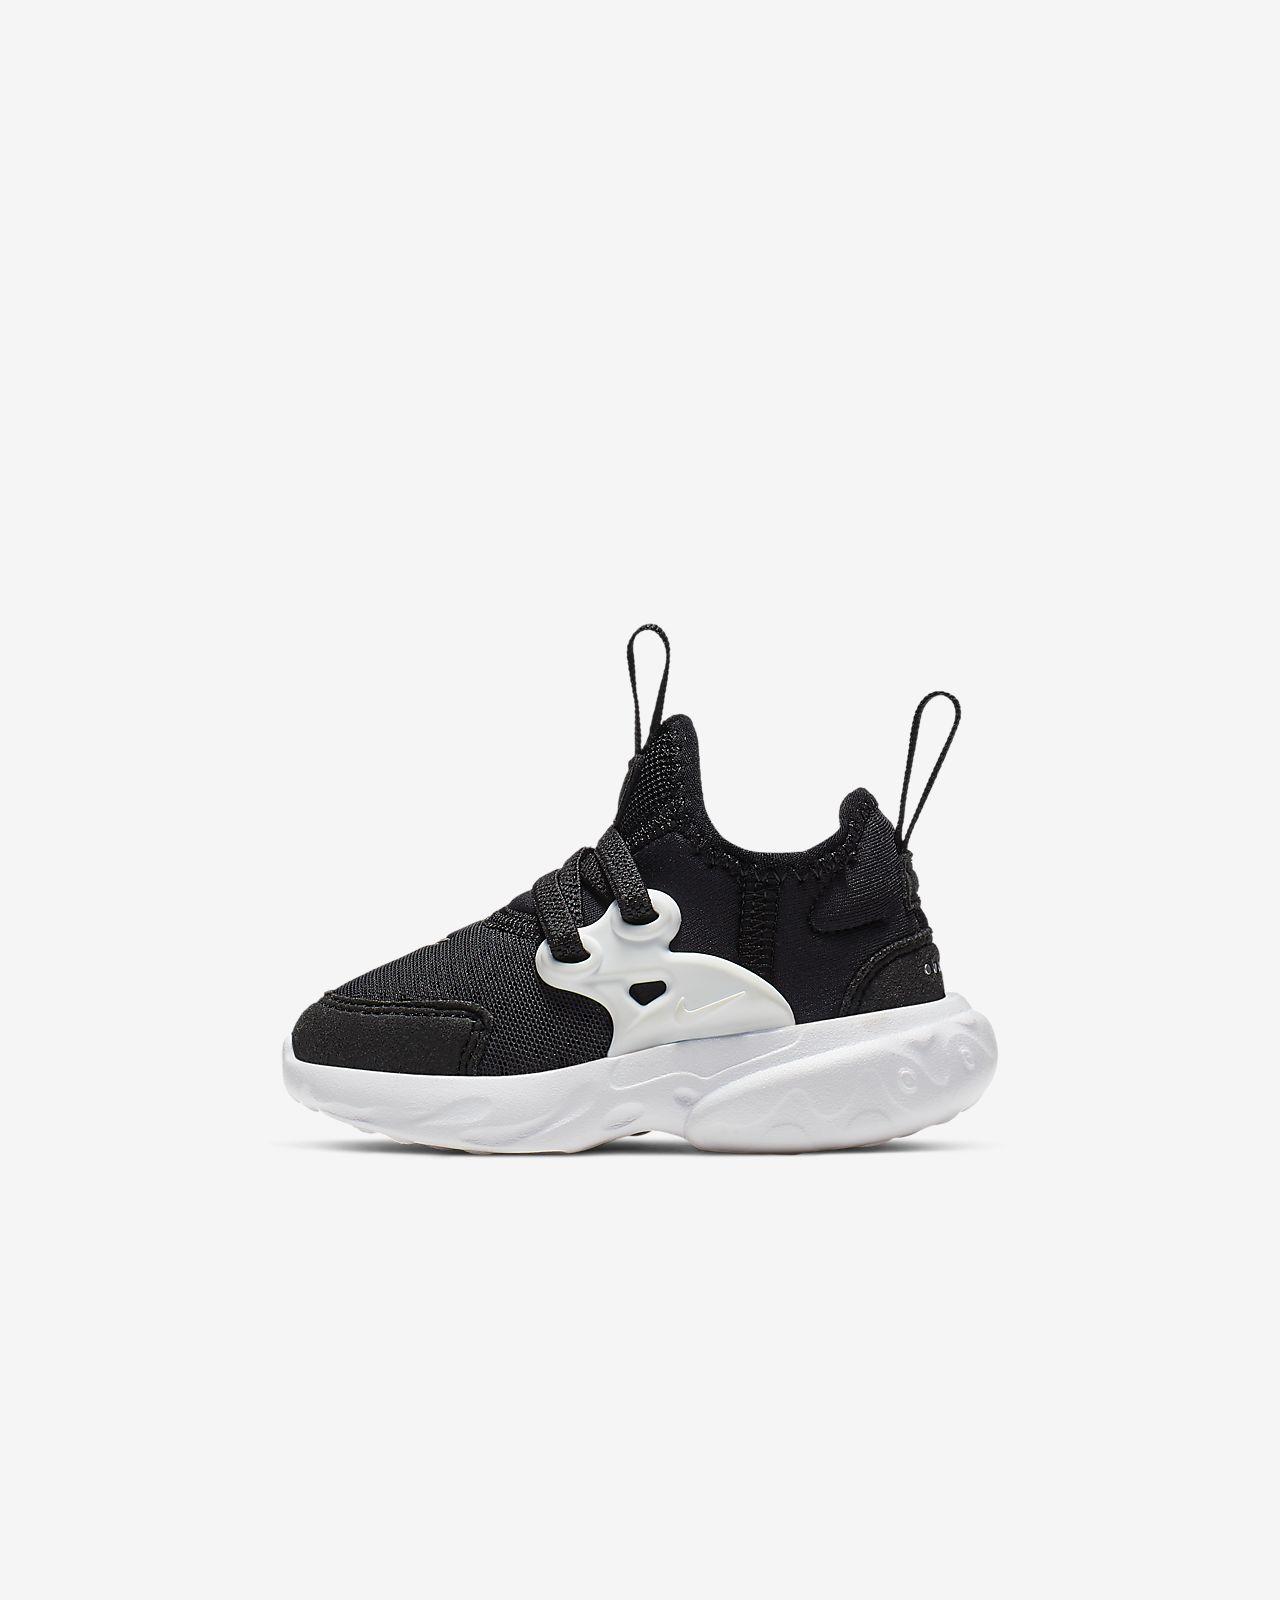 Presto Schuh Kleinkinder RT Nike und für Babys m8nON0vw